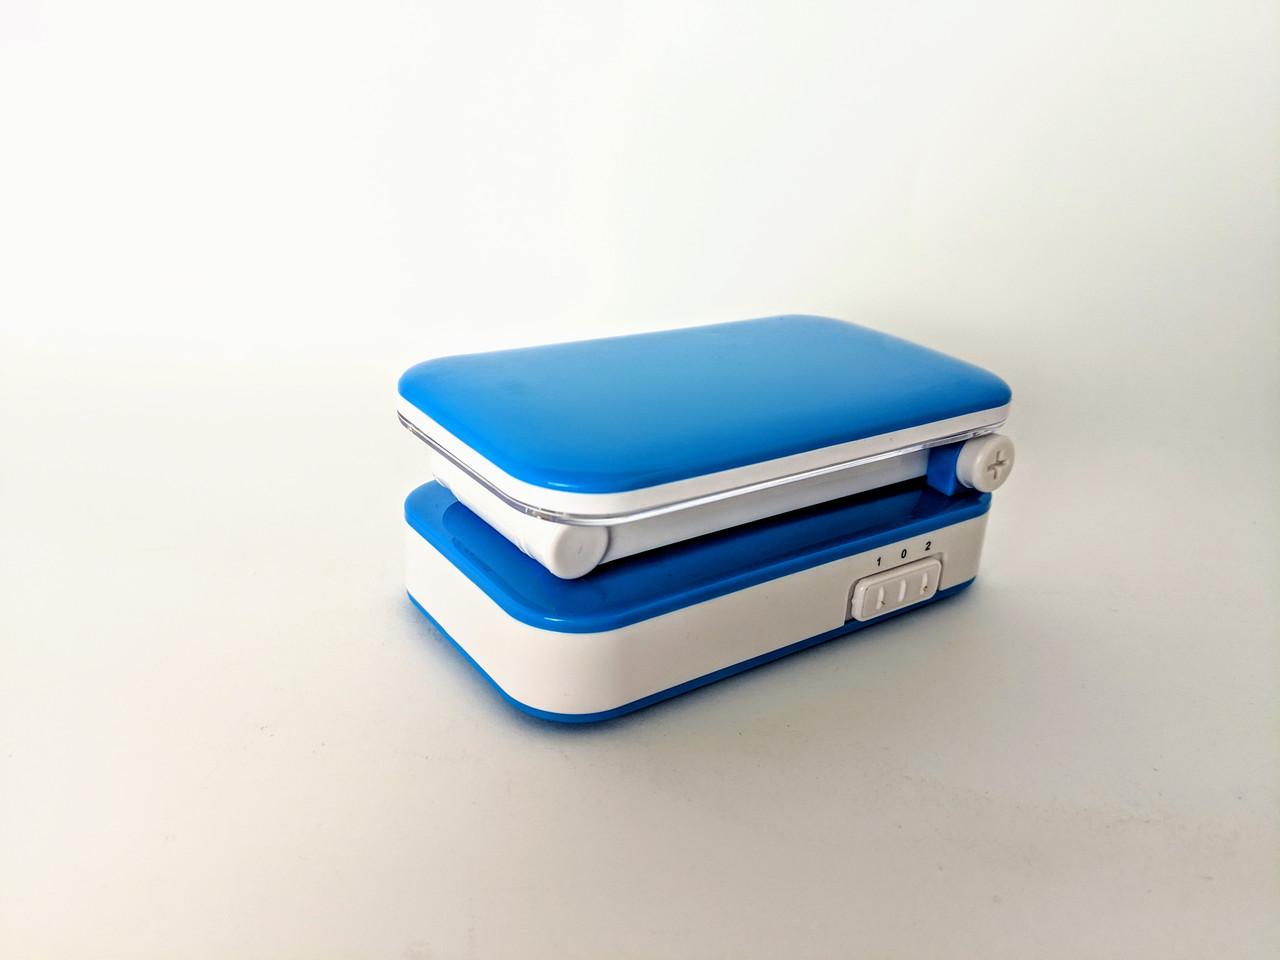 Настольная лампа Tiross (голубая)